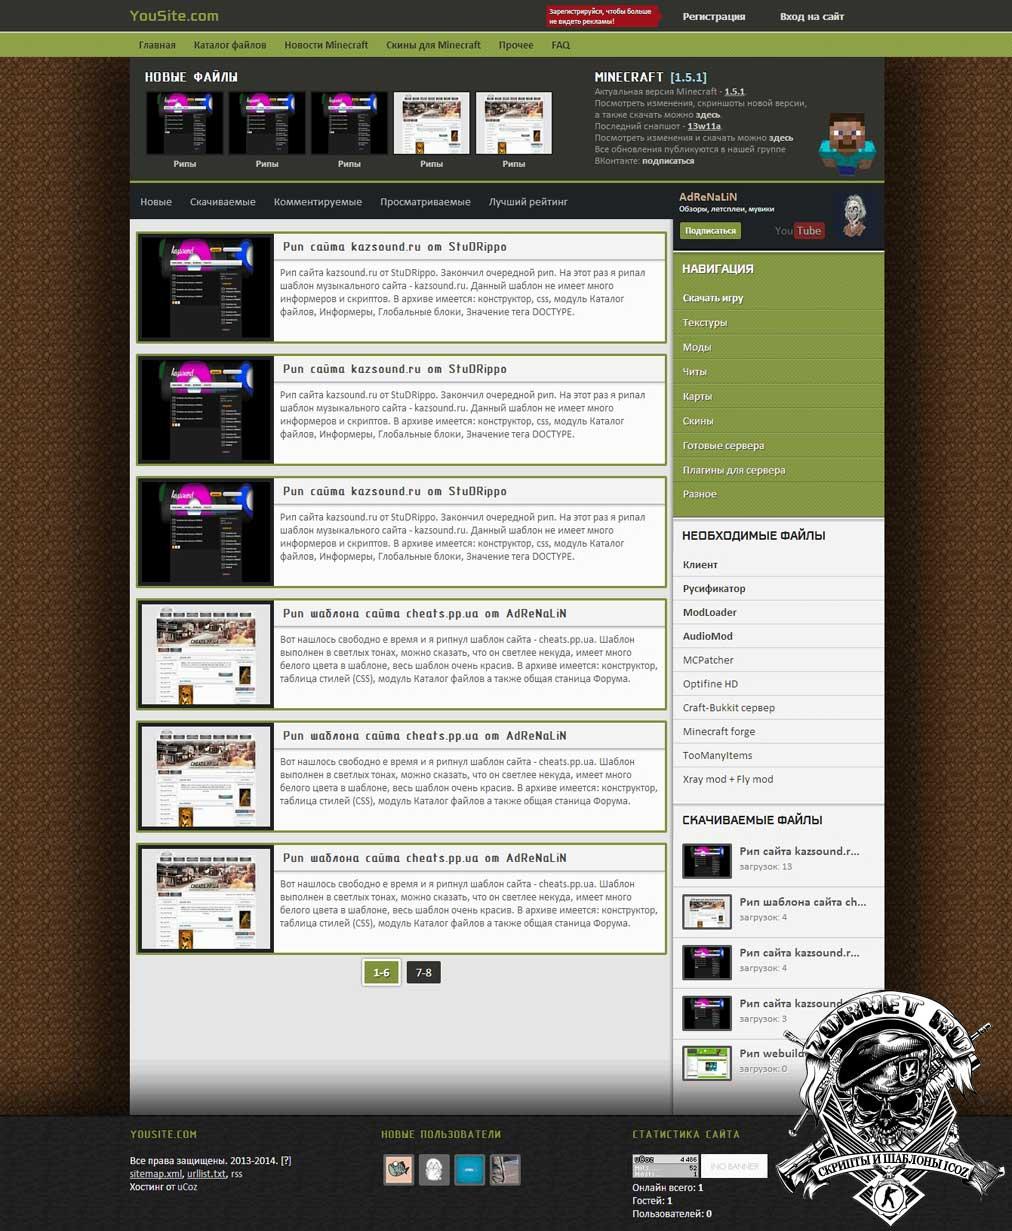 Красивый шаблон для сайта uCoz hi7emka